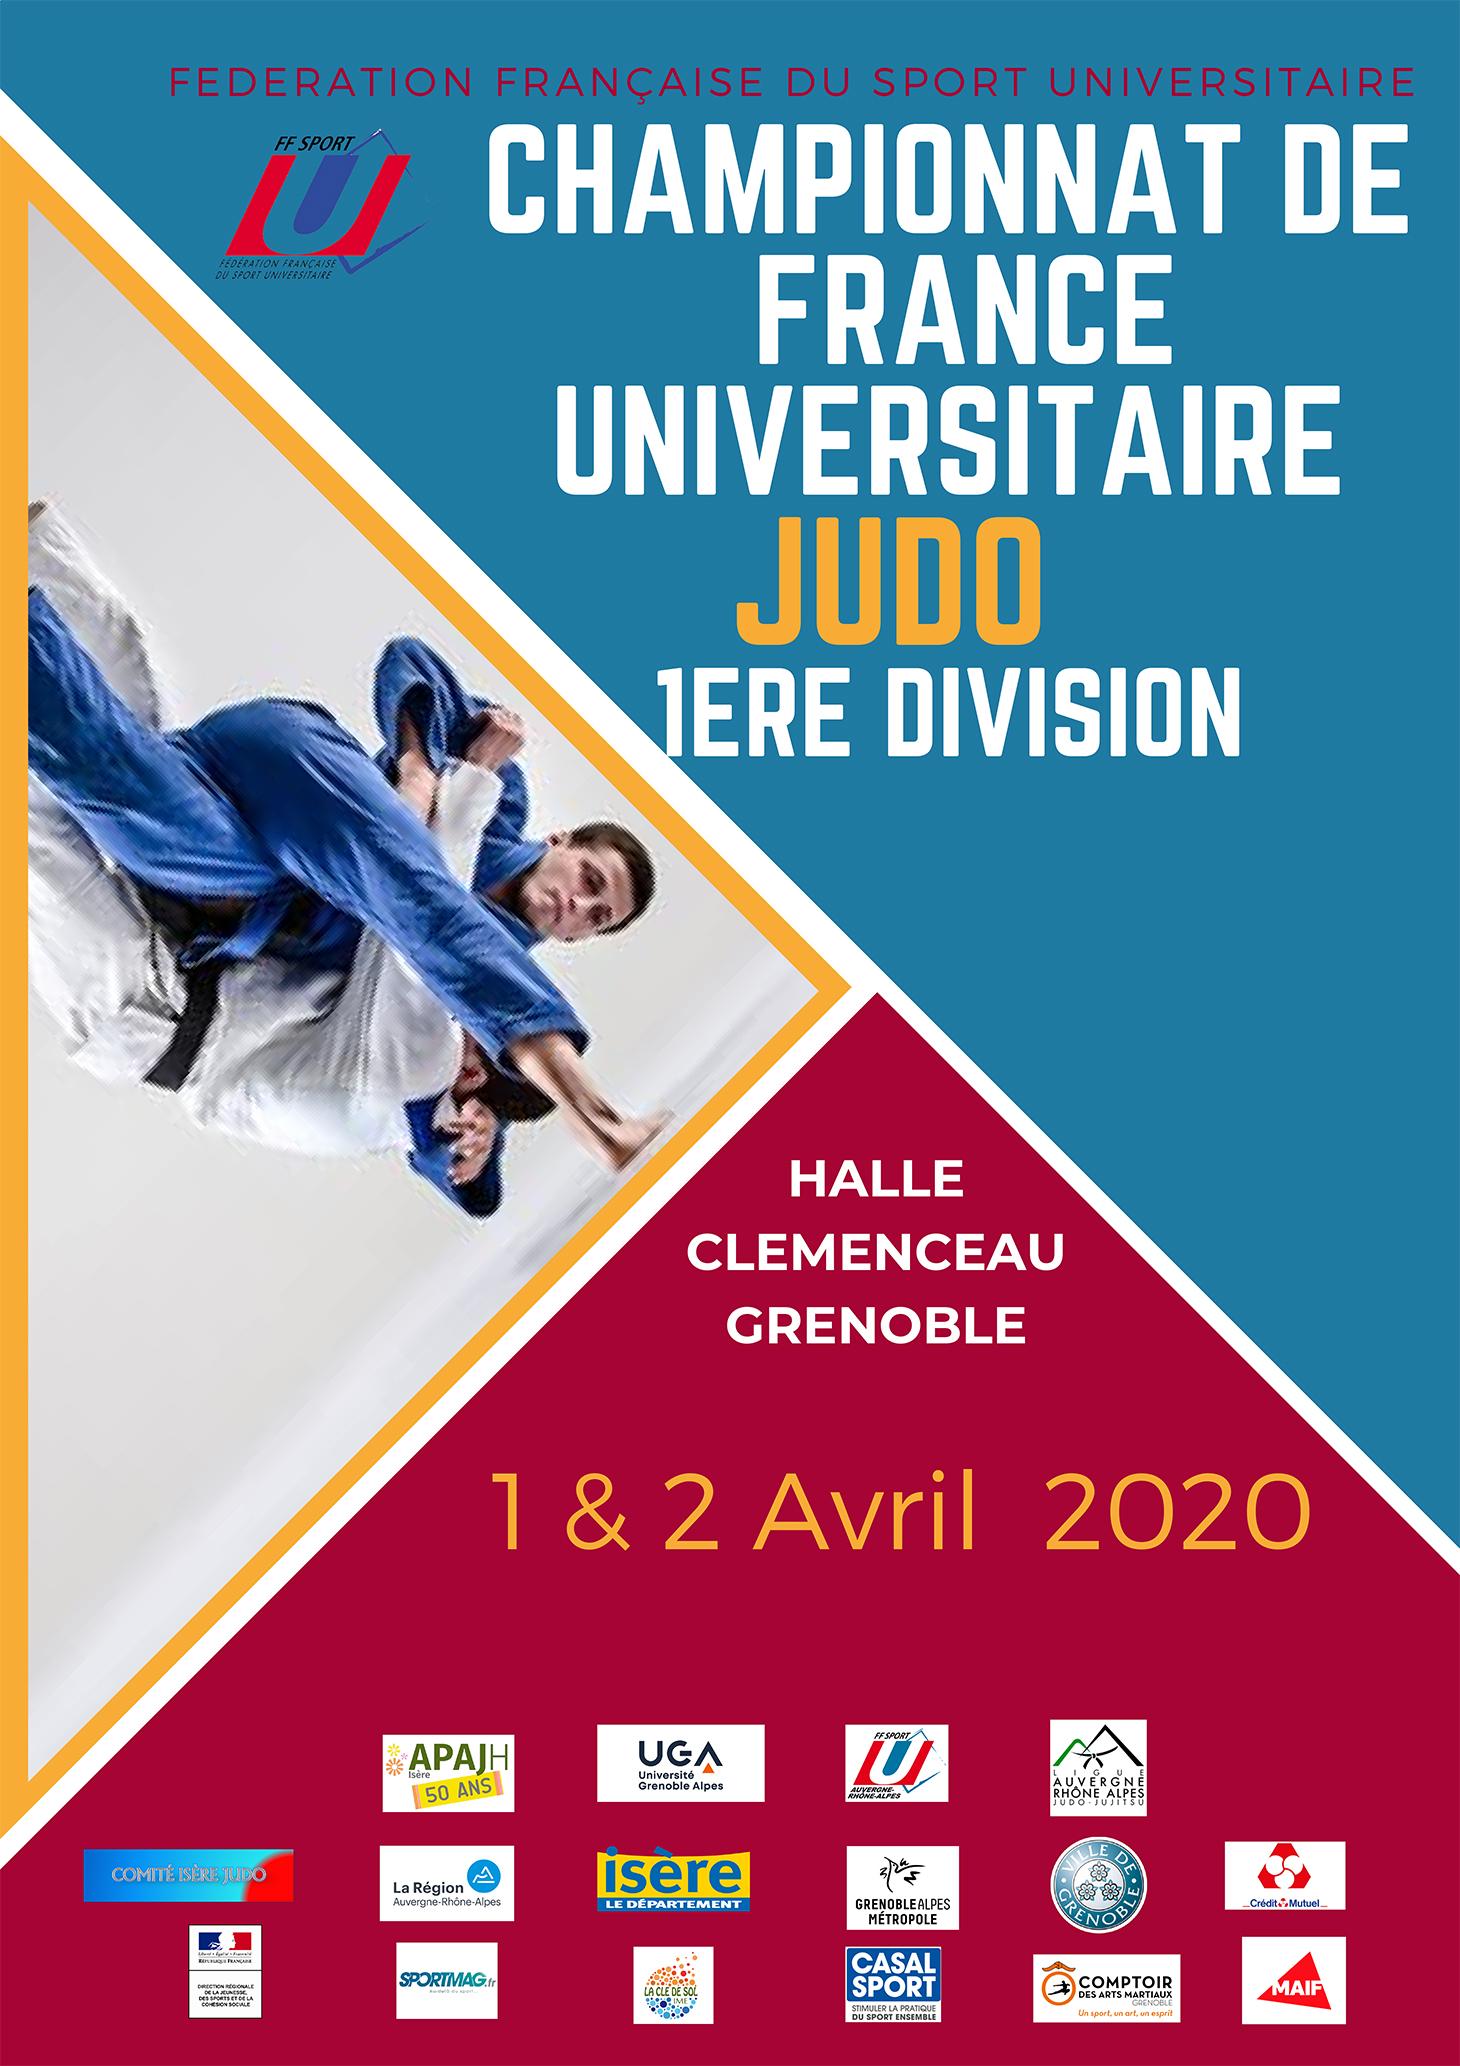 Affiche du championnat de France universitaire de Judo 2020